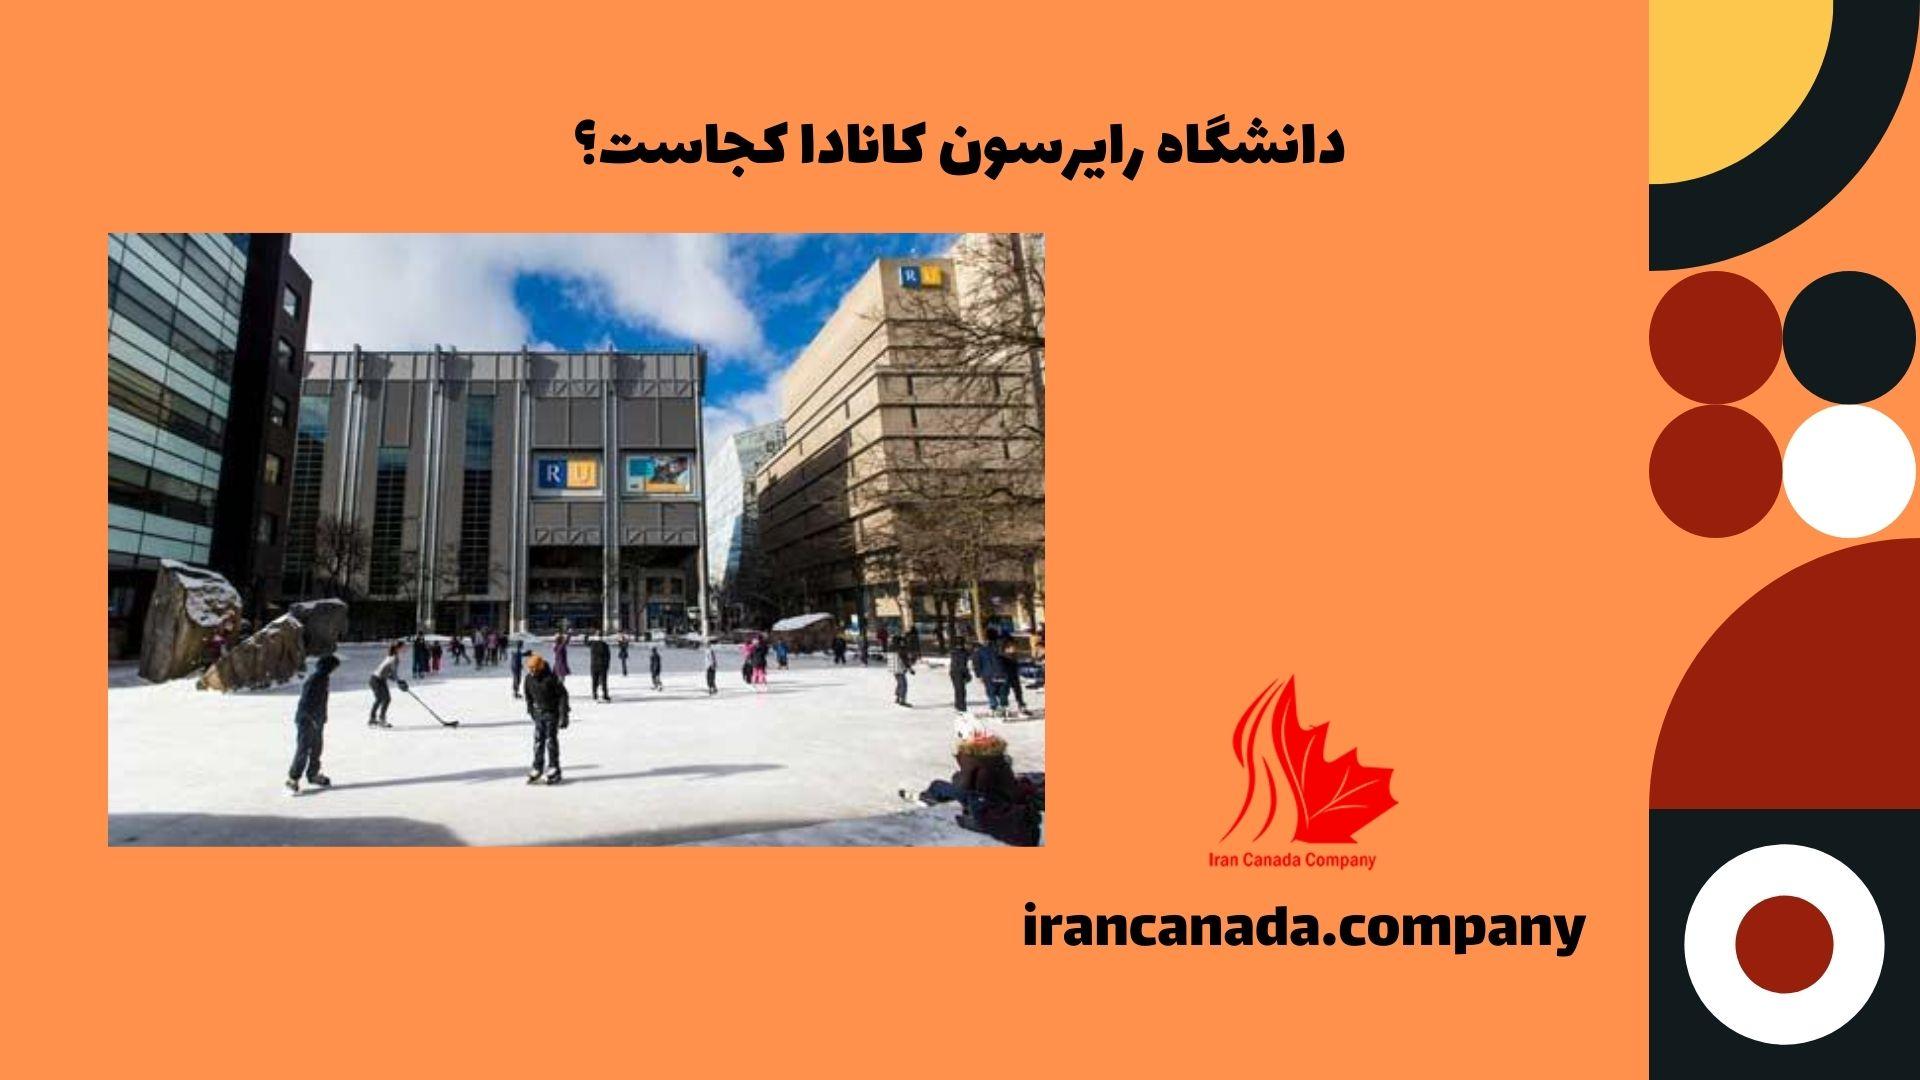 دانشگاه رایرسون کانادا کجاست؟